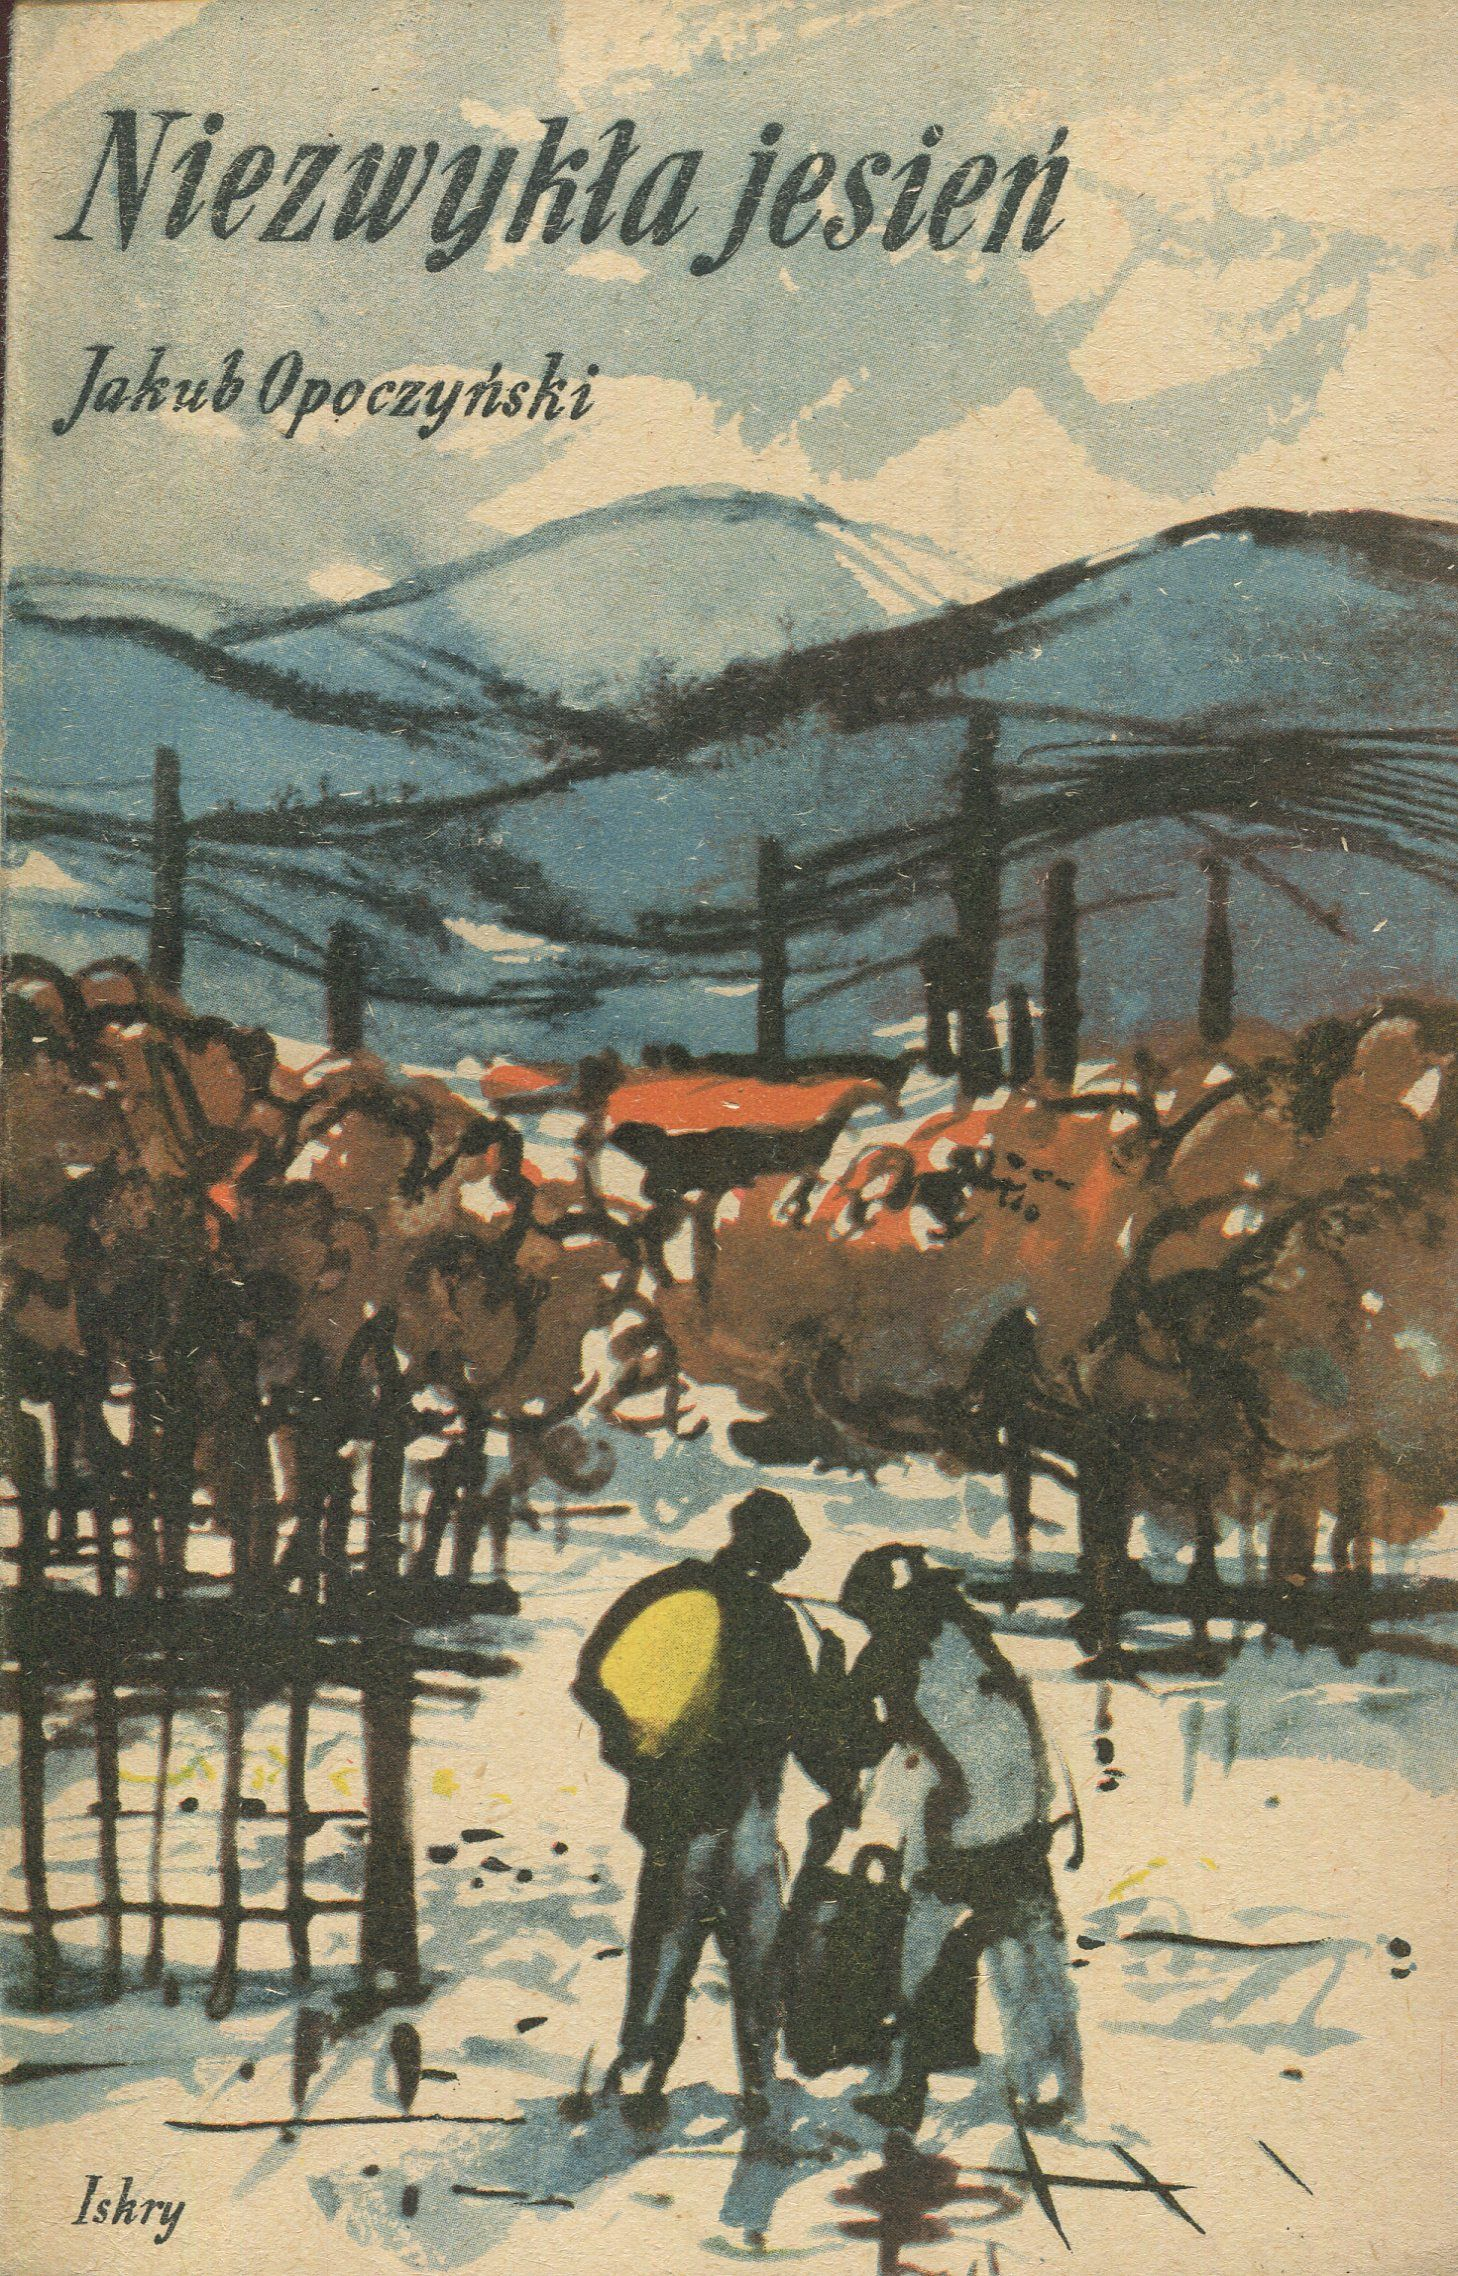 """""""Niezwykła jesień"""" Jakub Opoczyński Cover by Janusz Grabiański Published by Wydawnictwo Iskry 1954"""